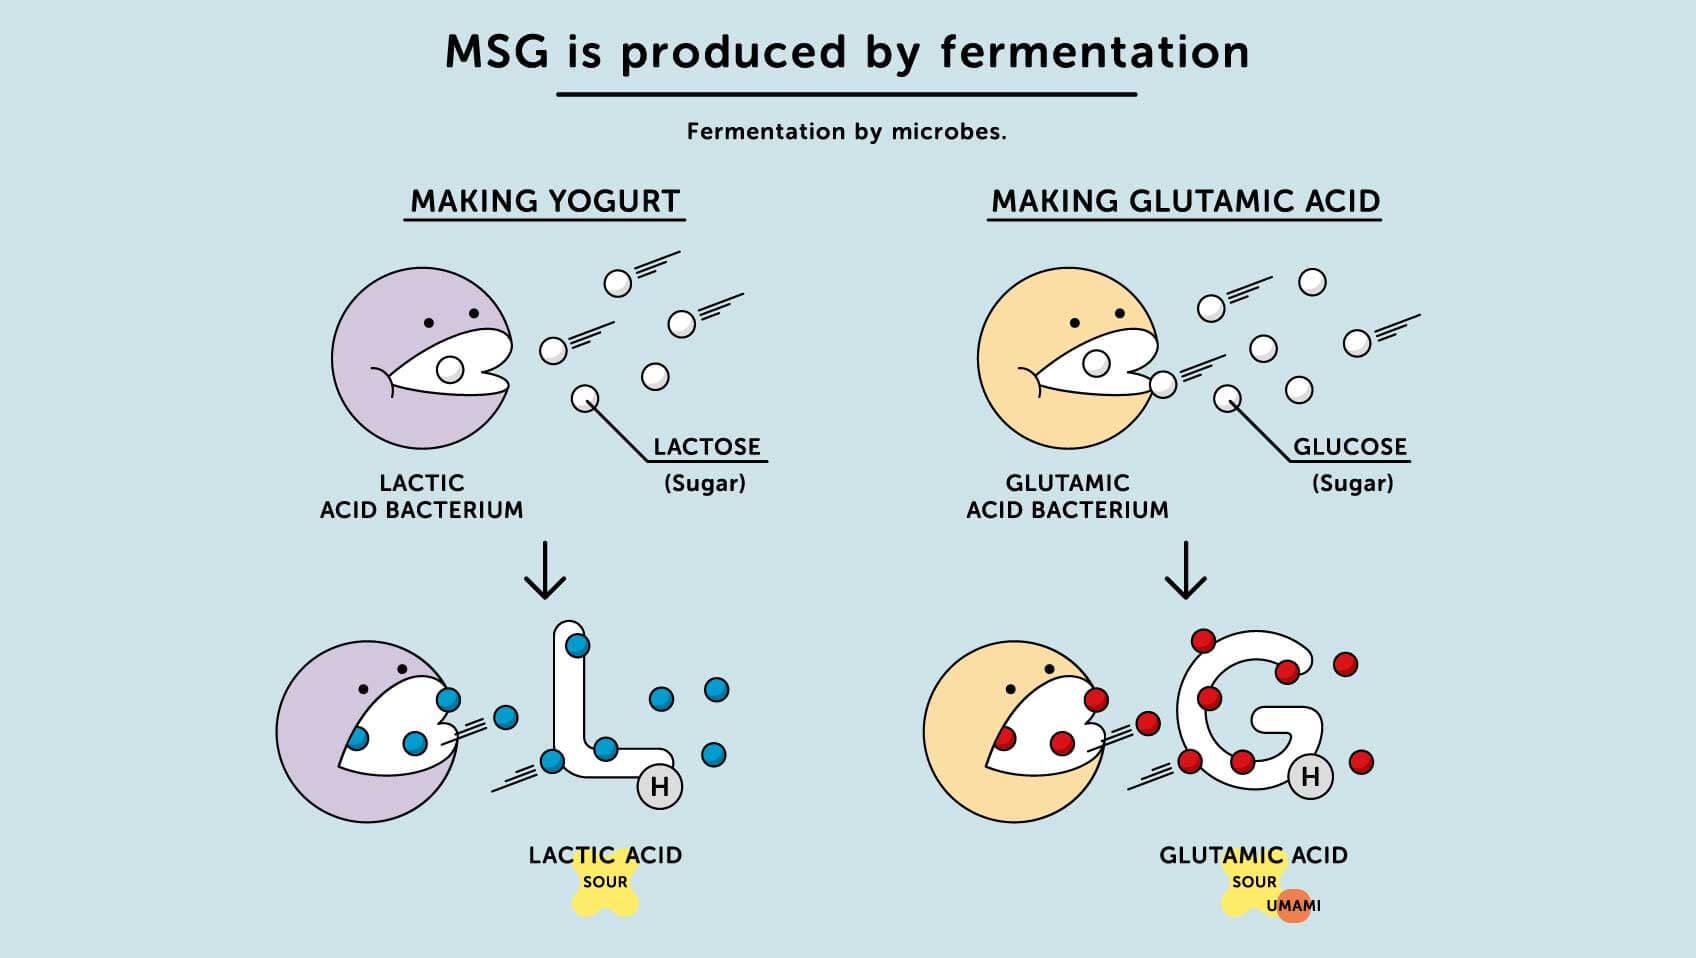 Comment est fabriqué Msg